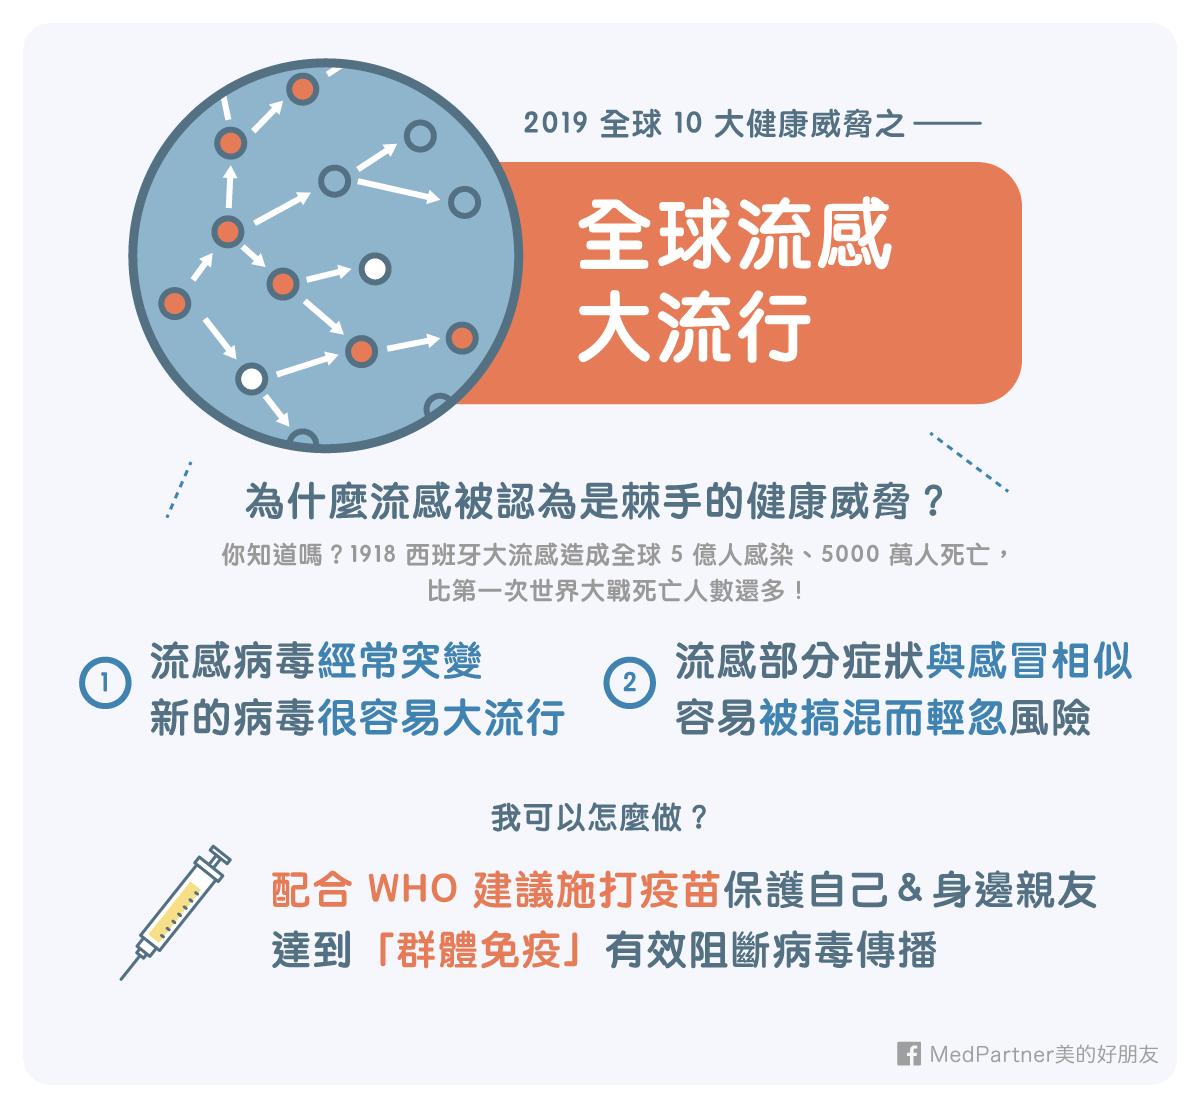 10大健康威脅_下_全球流感大流行